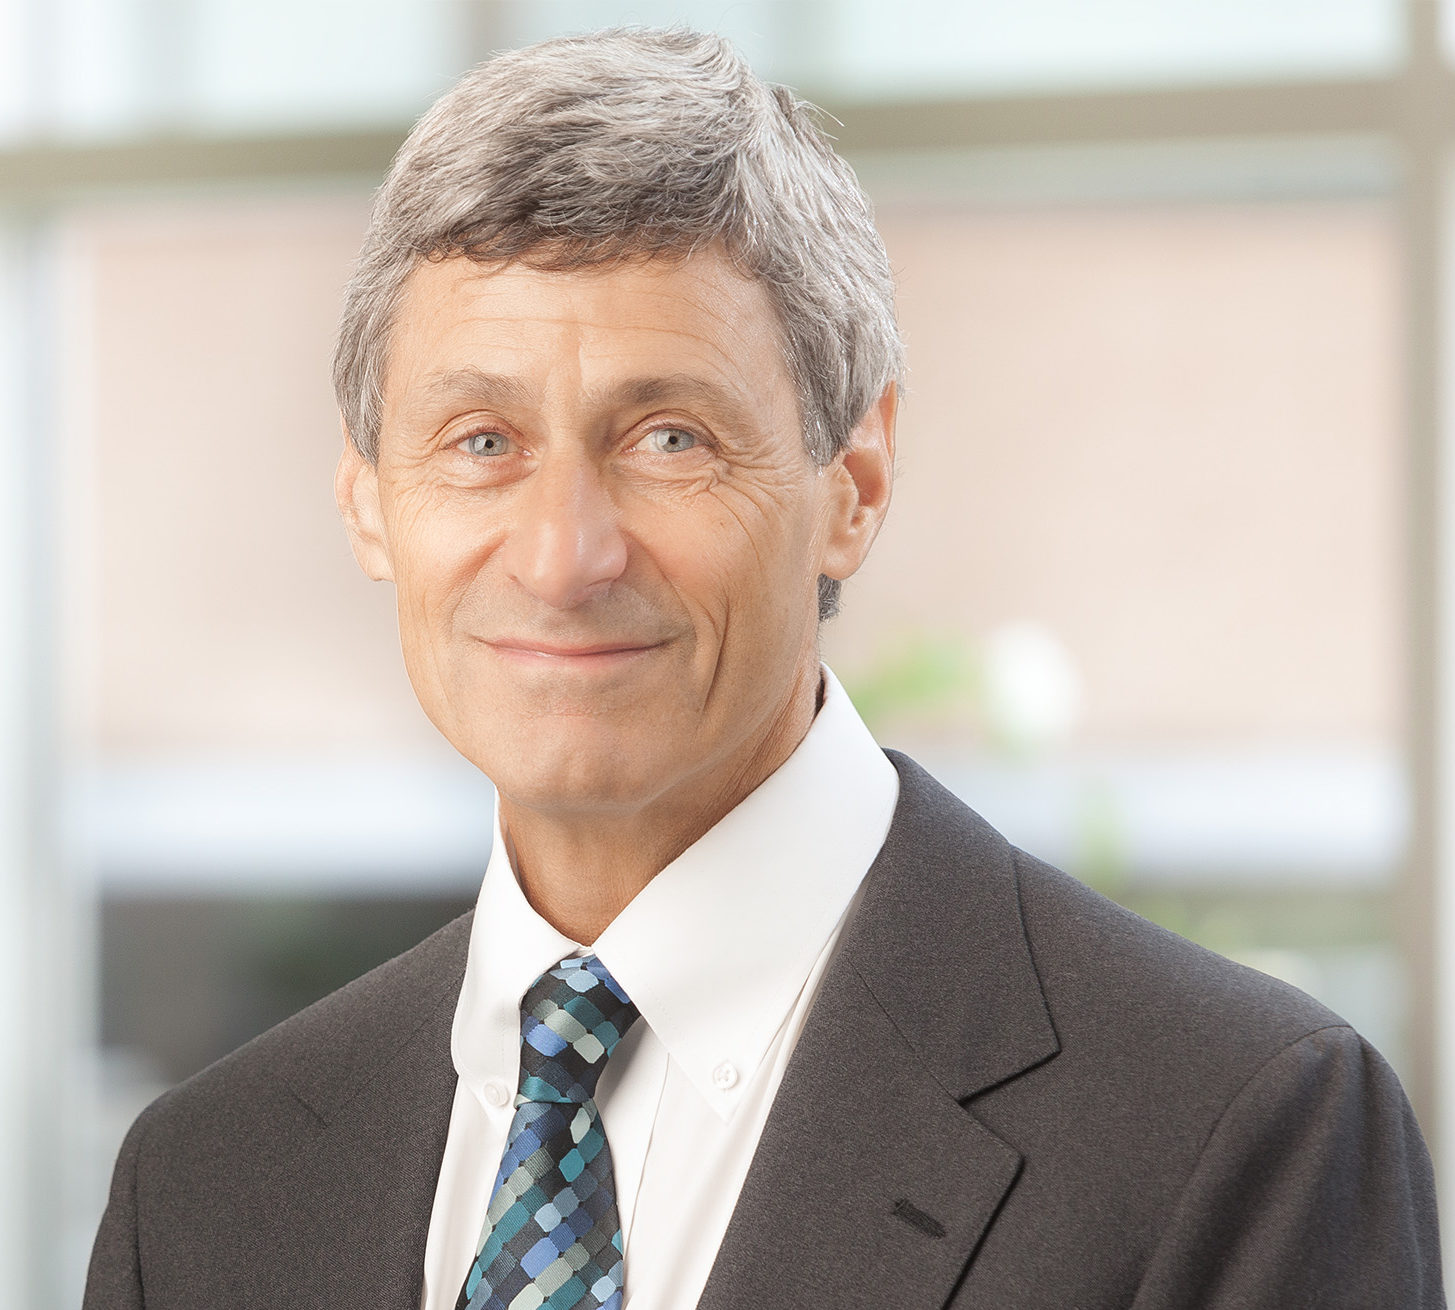 Dr. Matthew Rizzo